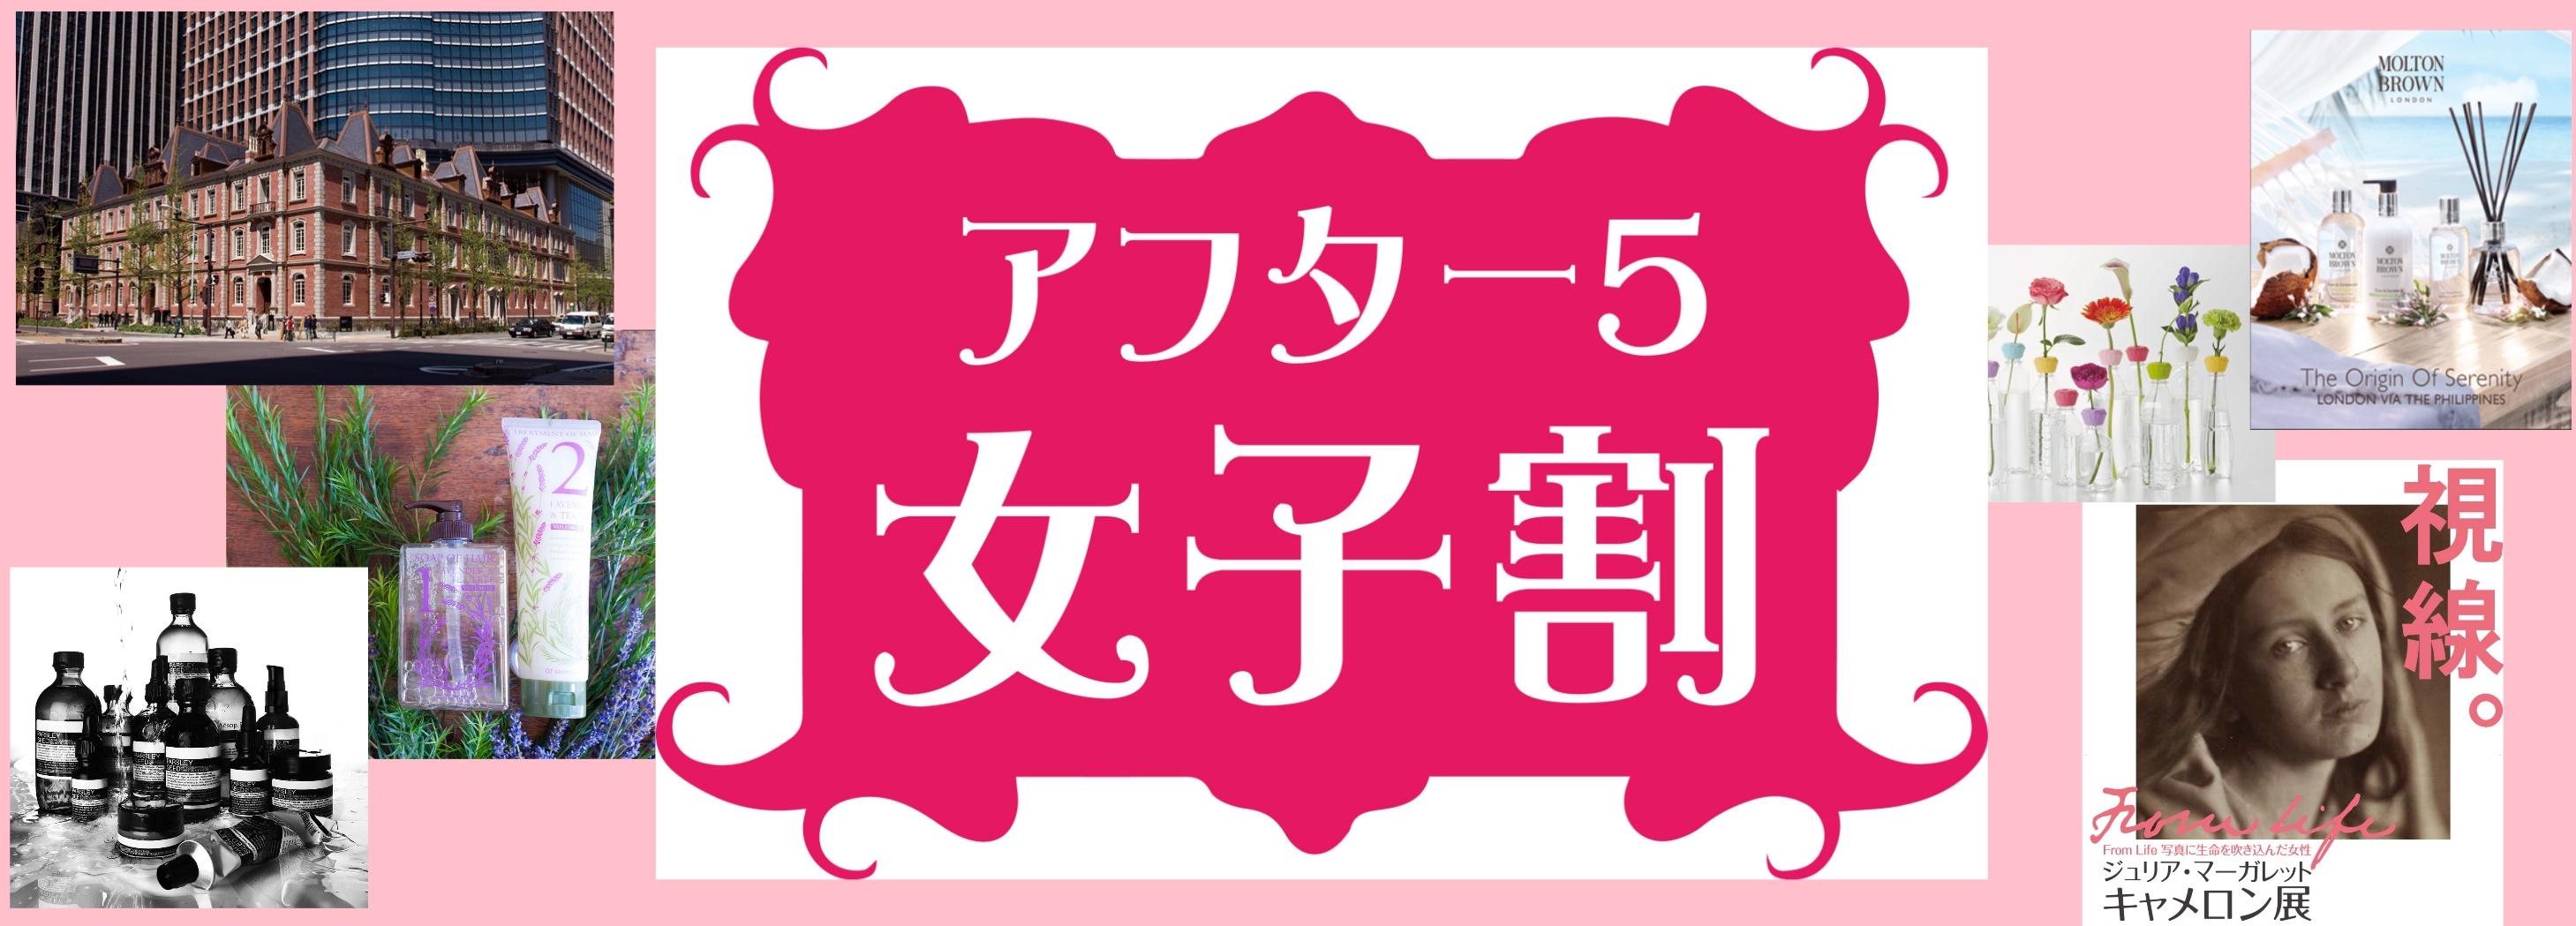 【朗報】働く女子を応援!!  丸の内×三菱一号館美術館  「アフター5女子割」サービススタート!!